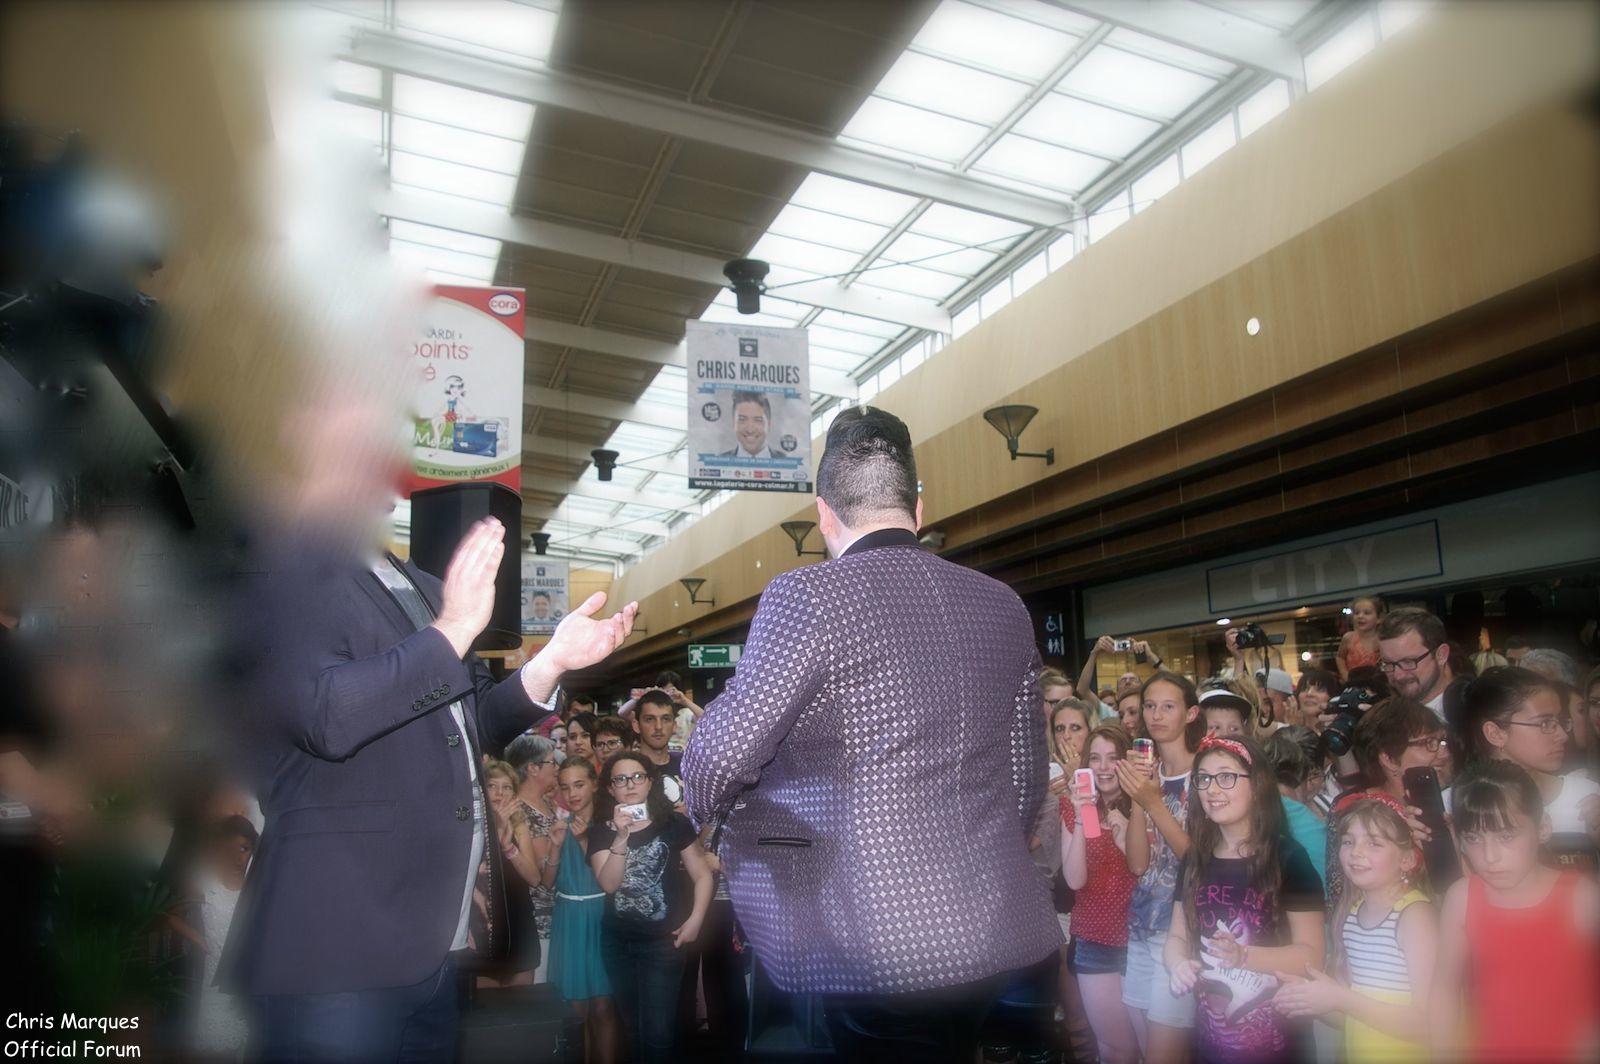 [14.06.2014] Evénement à #Colmar Chris Marques et Jaclyn Spencer pour un Flashmob/Cours de Danse/Dédicaces exceptionnels le tout organisé par la MJC de Colmar 7811